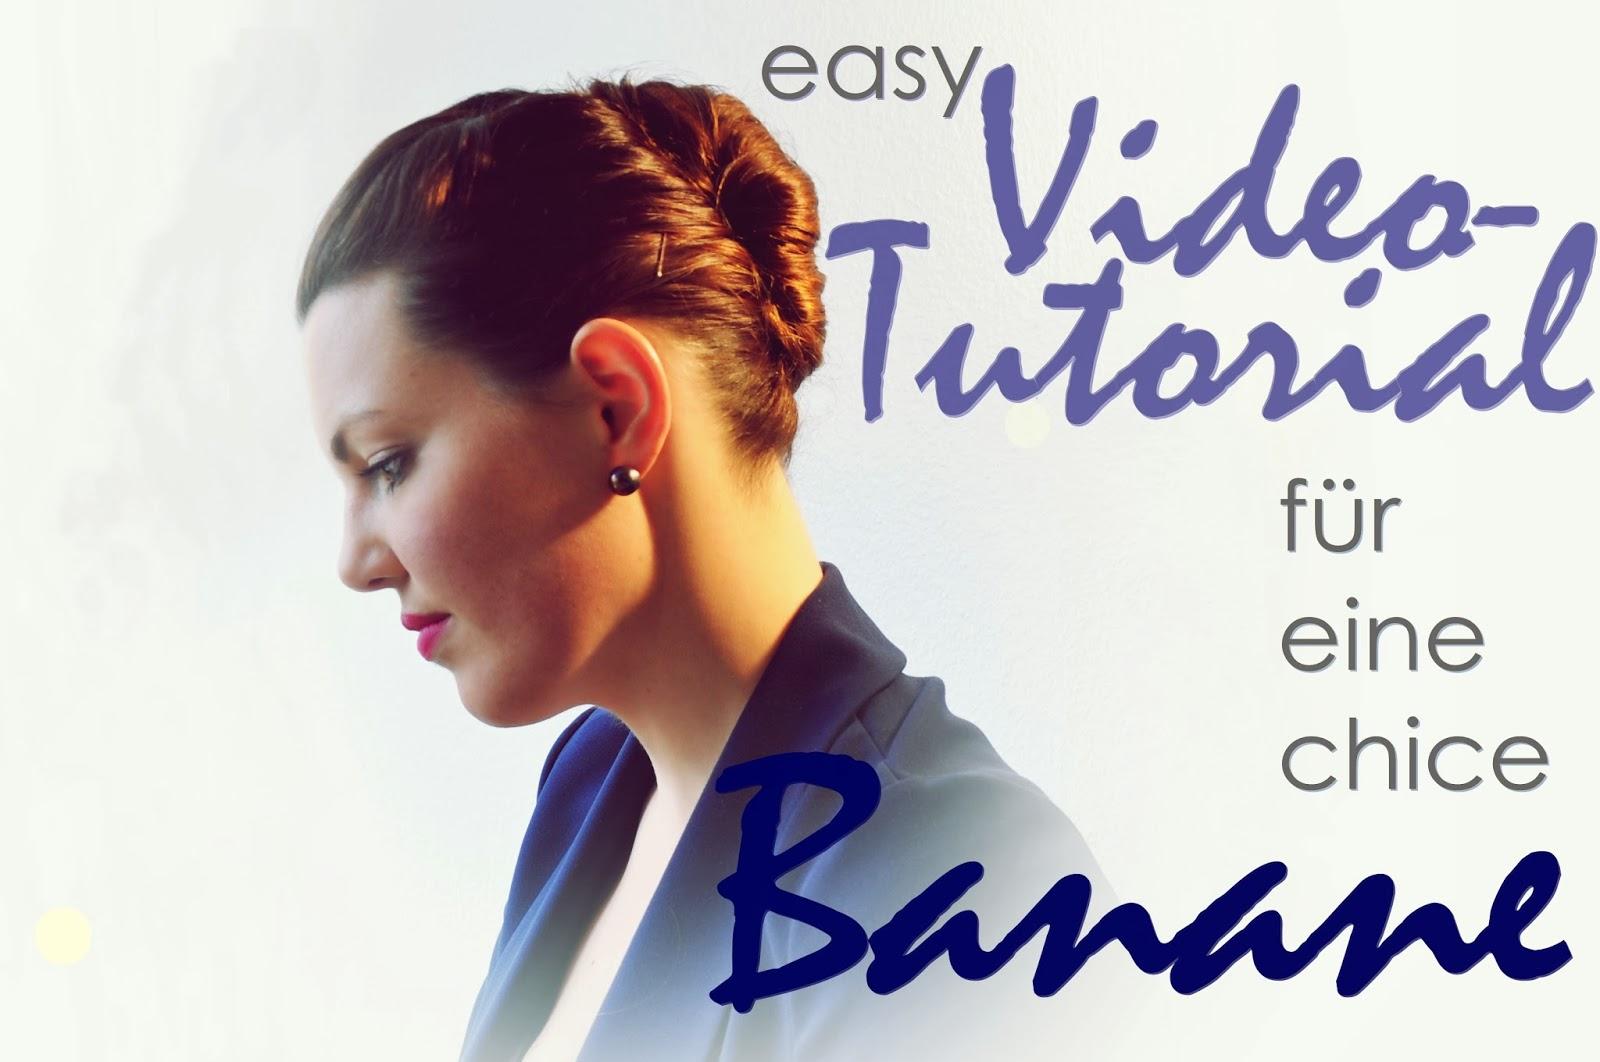 Easy Tutorial für eine chice Banane